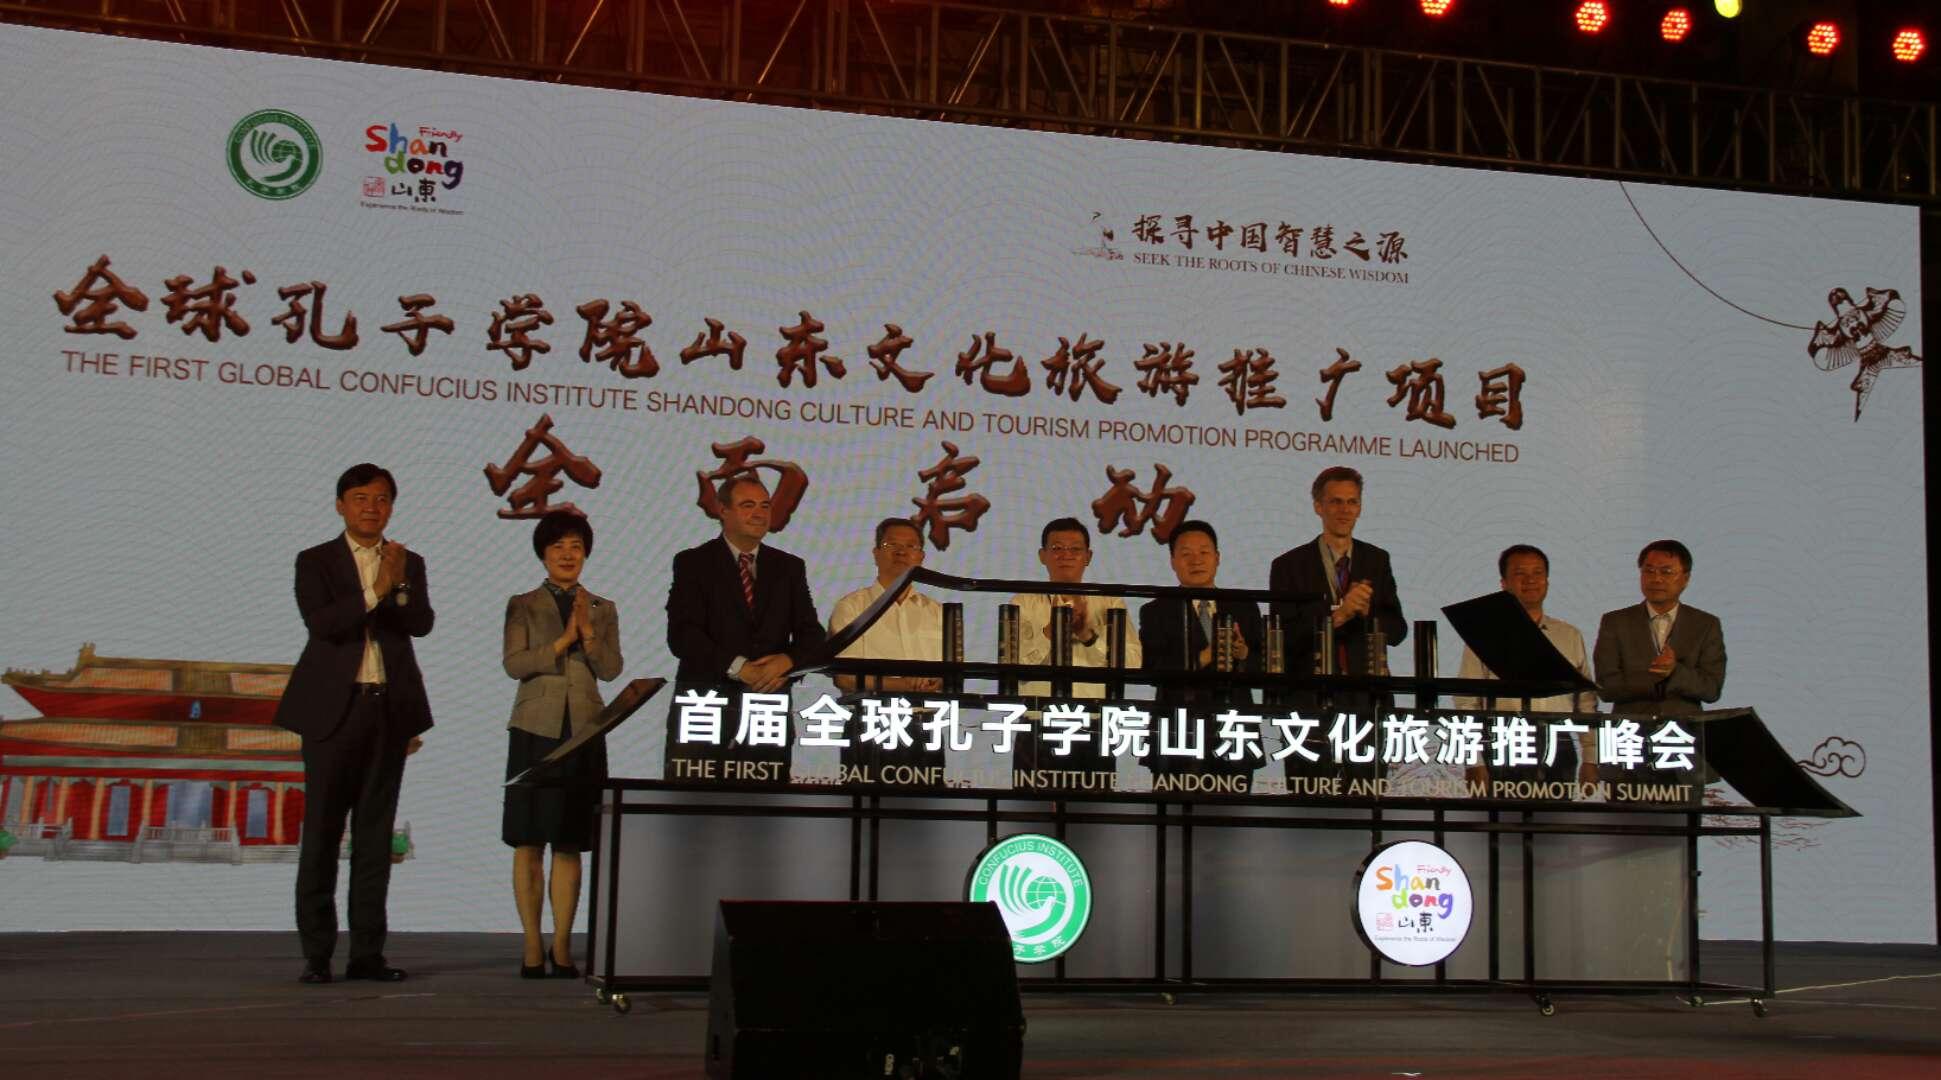 首届全球孔子学院山东文化旅游推广峰会在曲阜开幕